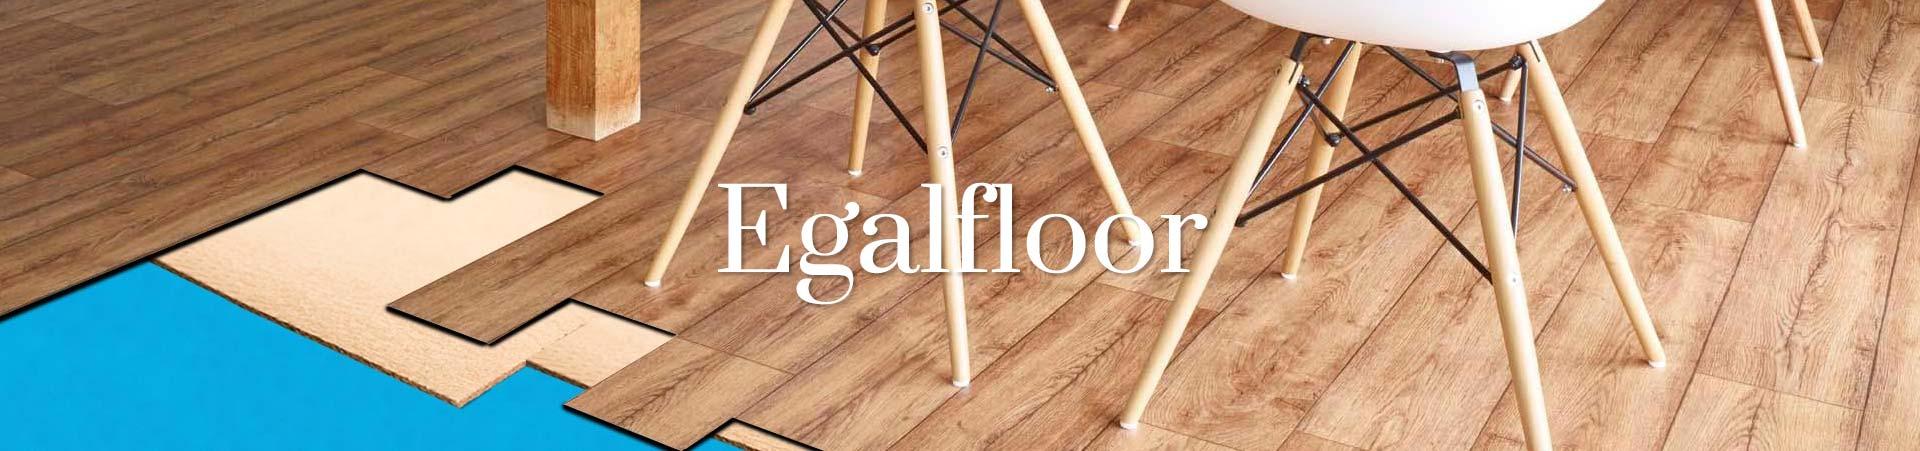 Egalfloor zachtboard ondervloeren by Estillon